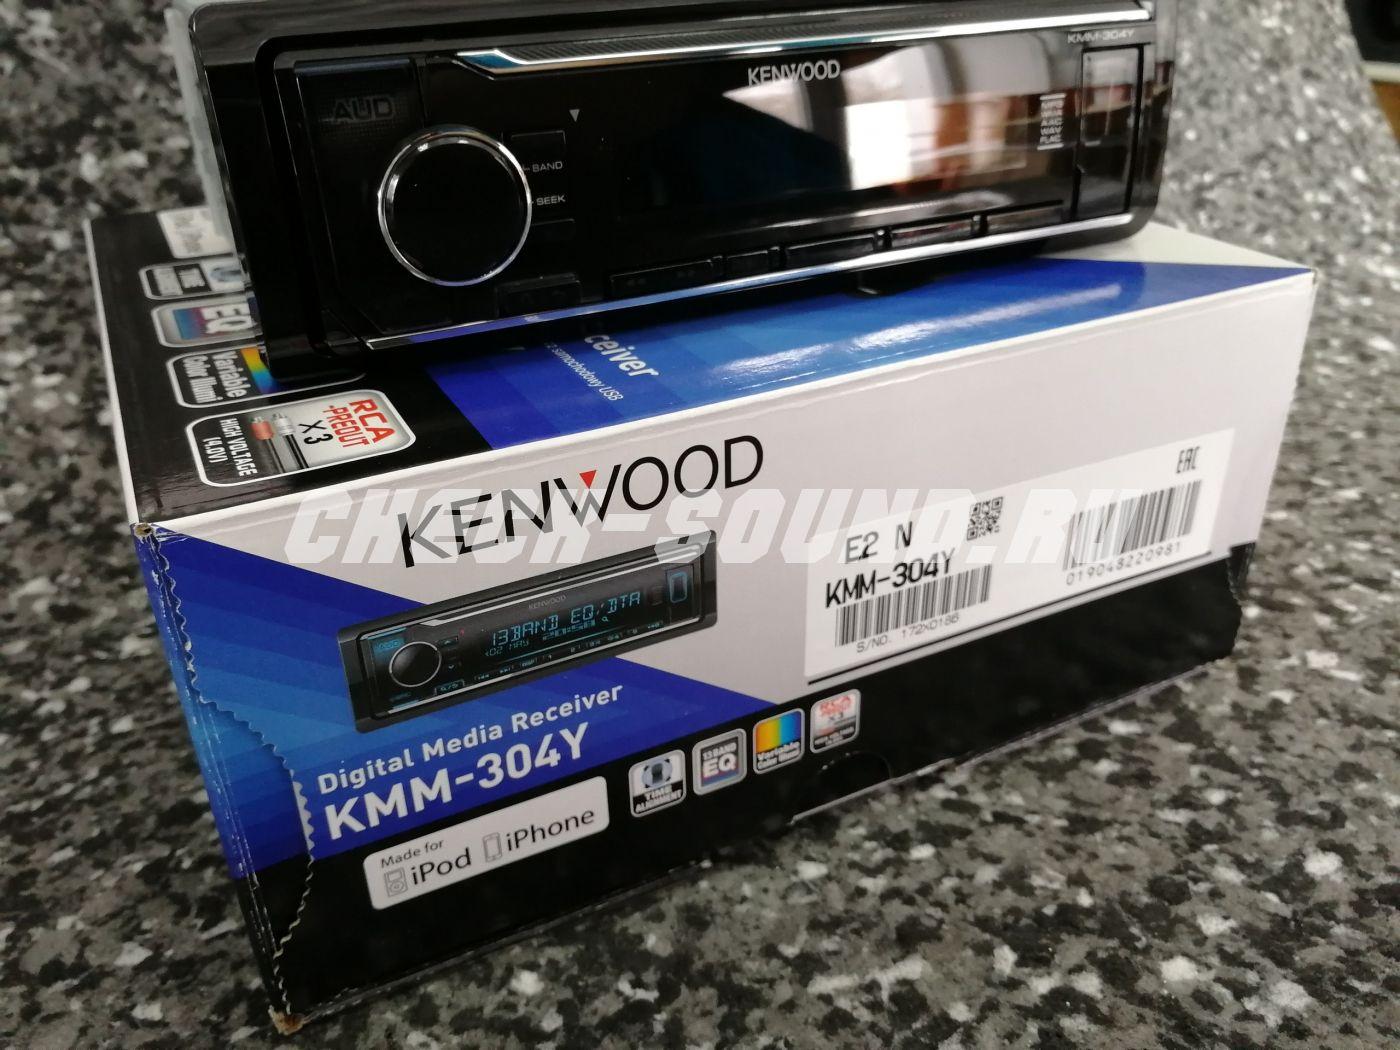 KENWOOD KMM - 304Y